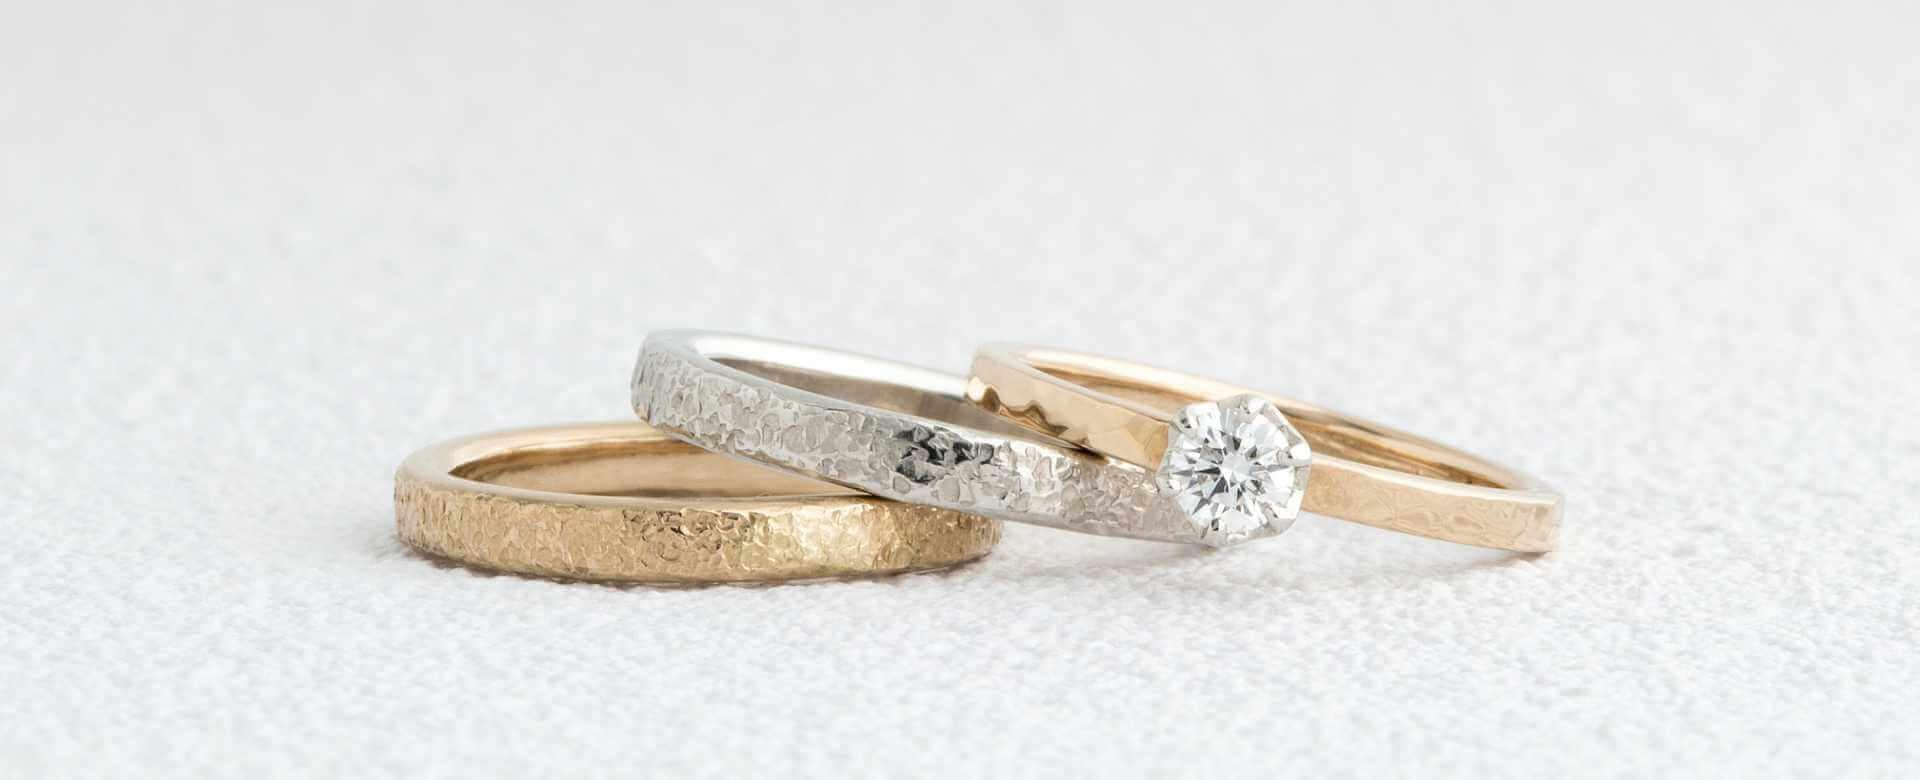 雪をイメージした手作り結婚指輪と槌目の婚約指輪